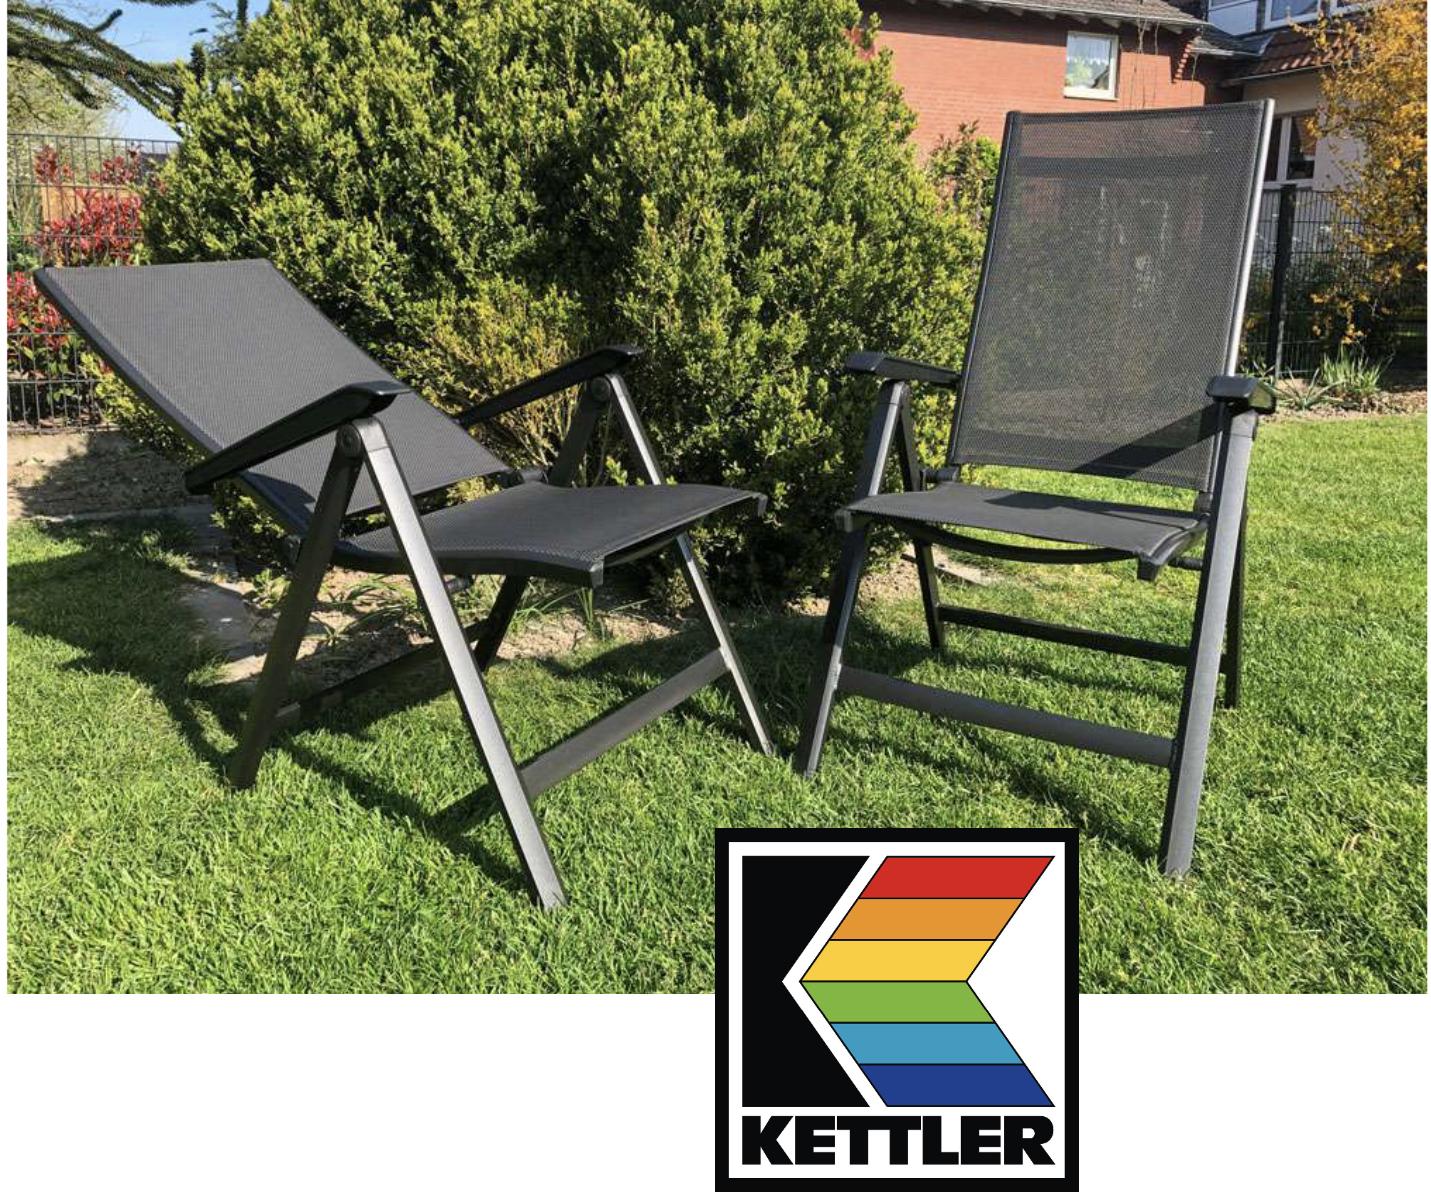 2 Stück Multipositionssessel Aluminium Klappsessel Friends von Kettler für zusammen 139,95€ inkl. Versandkosten